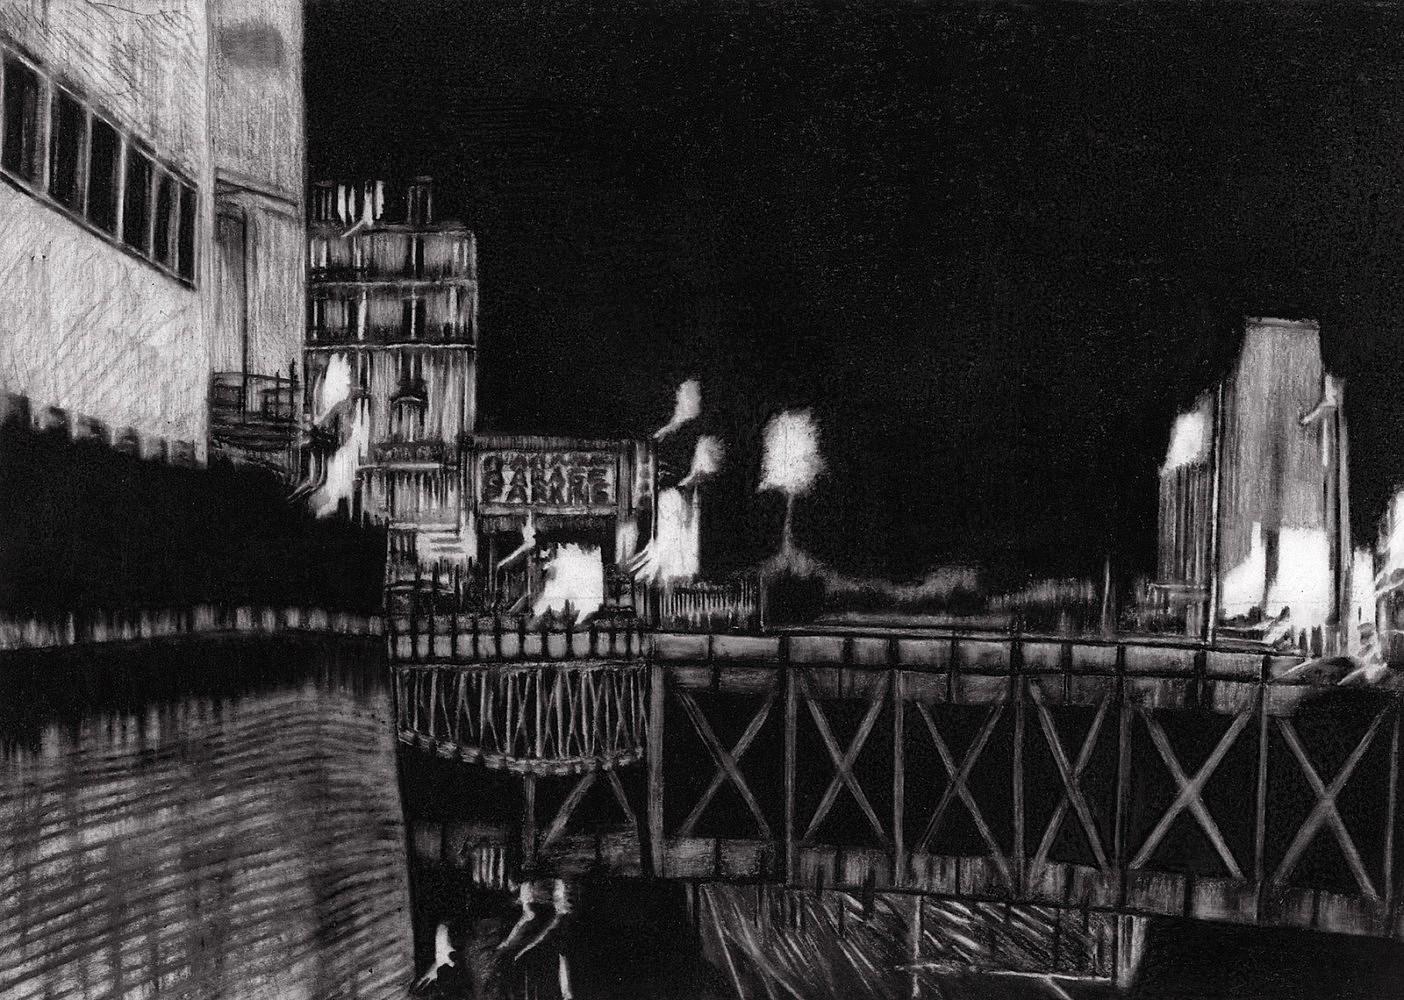 Nocturnes (Rue de Rome #1) | Crayon marqueur 25x35 cm - 2011